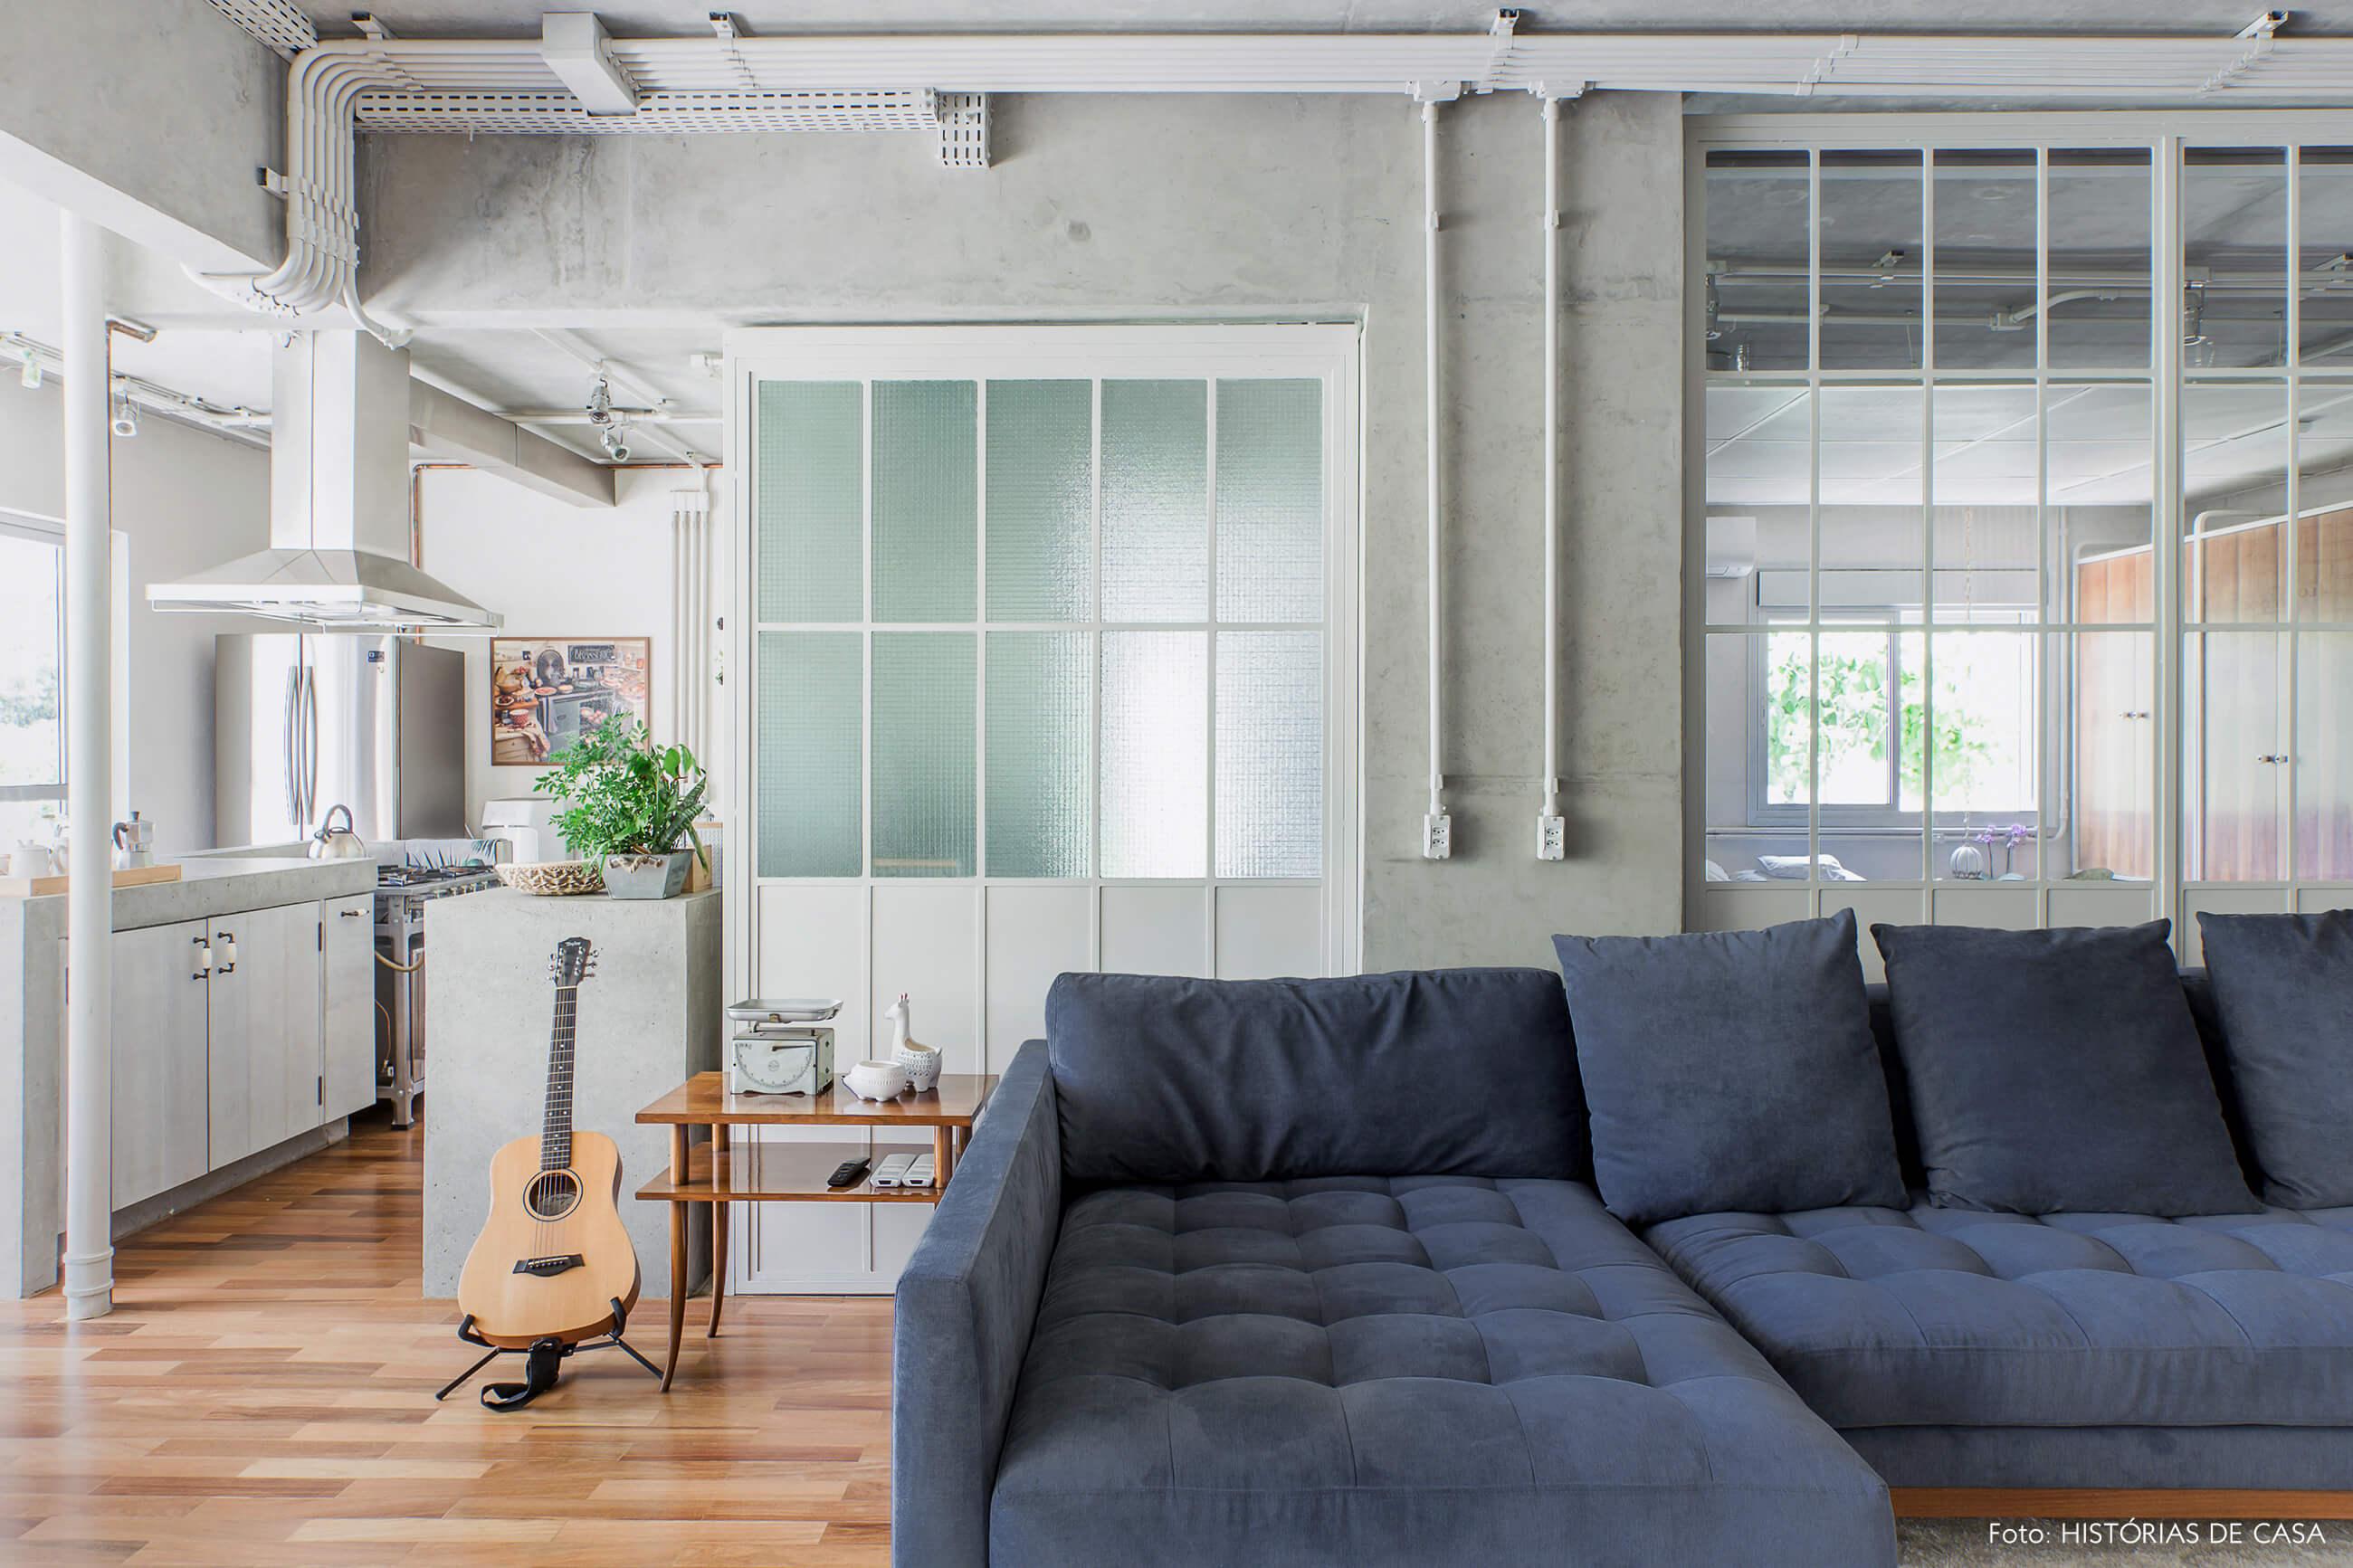 Sala integrada com paredes de concreto e serralheria